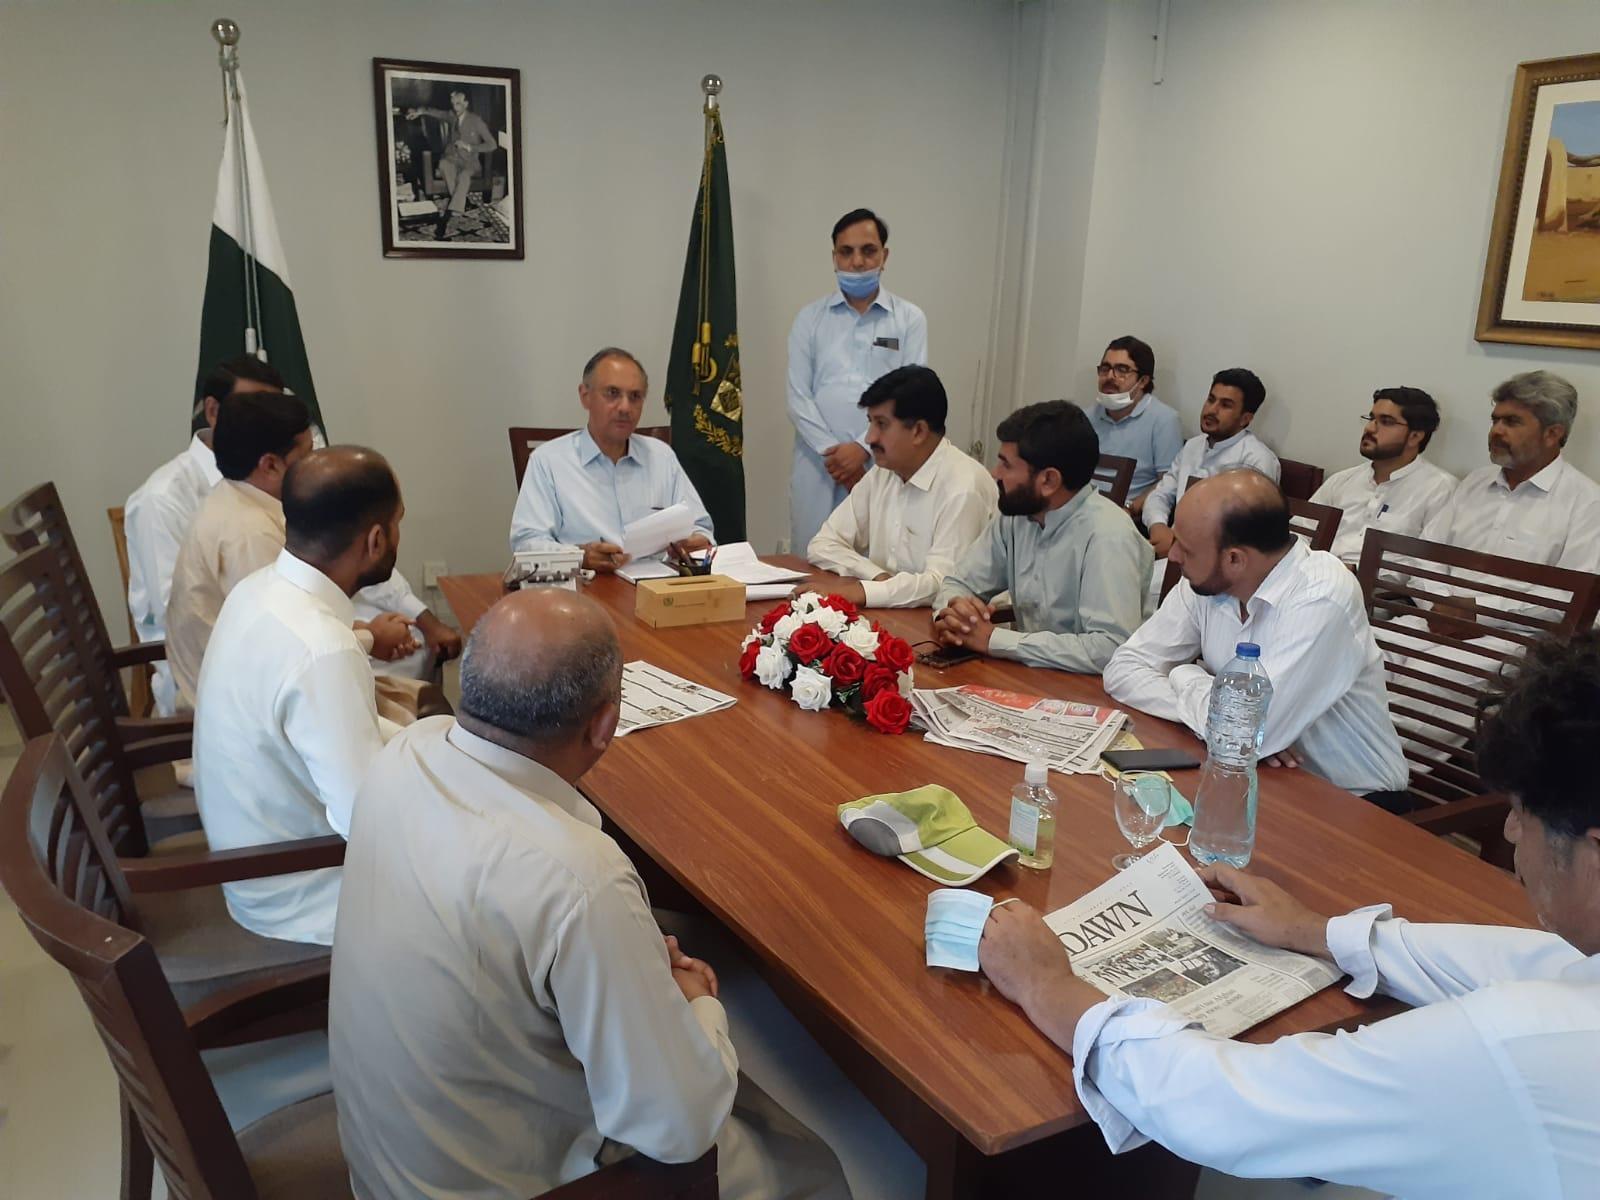 وفاقی وزیربرائے اقتصادی امورجناب عمرایوب خان اسلام آباد آفس میں حلقے کے مختلف علاقہ جات سے آنے والے سائلین سے ملاقات کرتے ہوئے  انکےمطالبات سن رہے ہیں۔